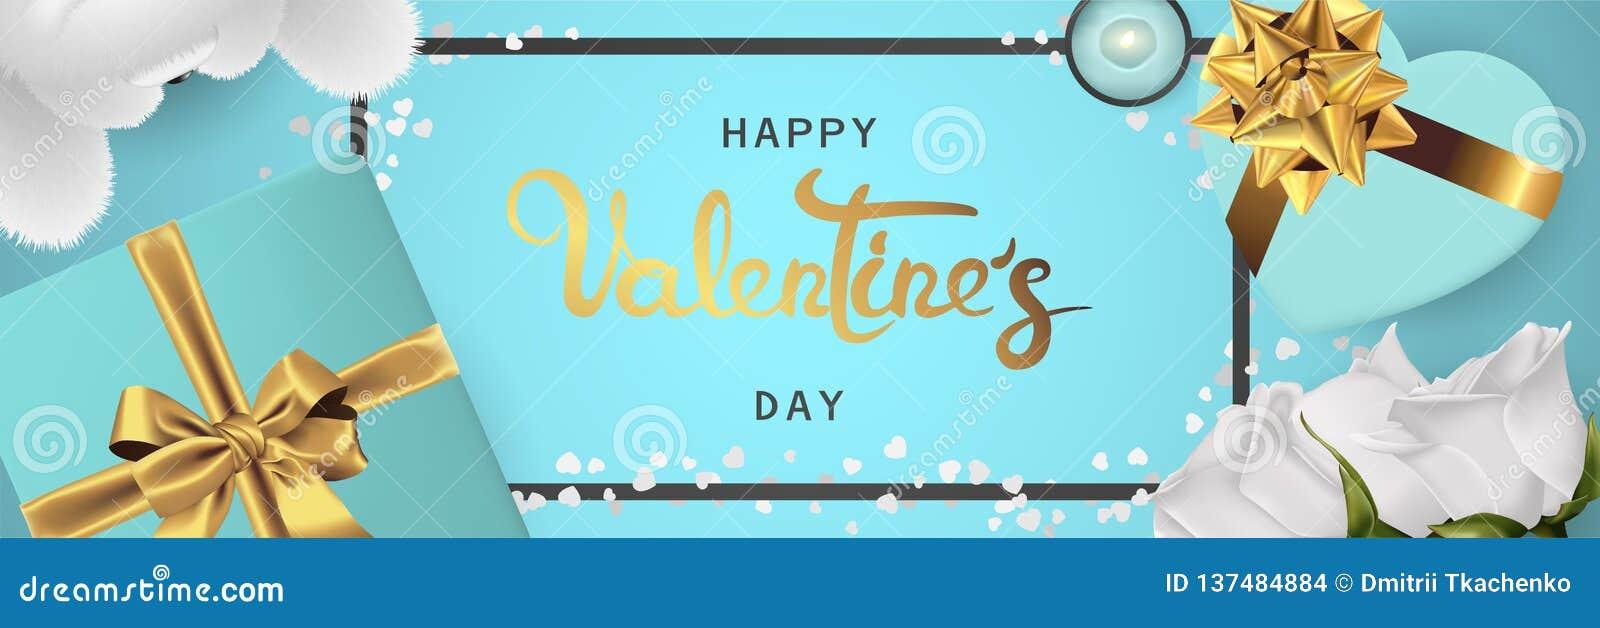 Opinión superior de día de San Valentín de la bandera de la endecha horizontal realista feliz del plano